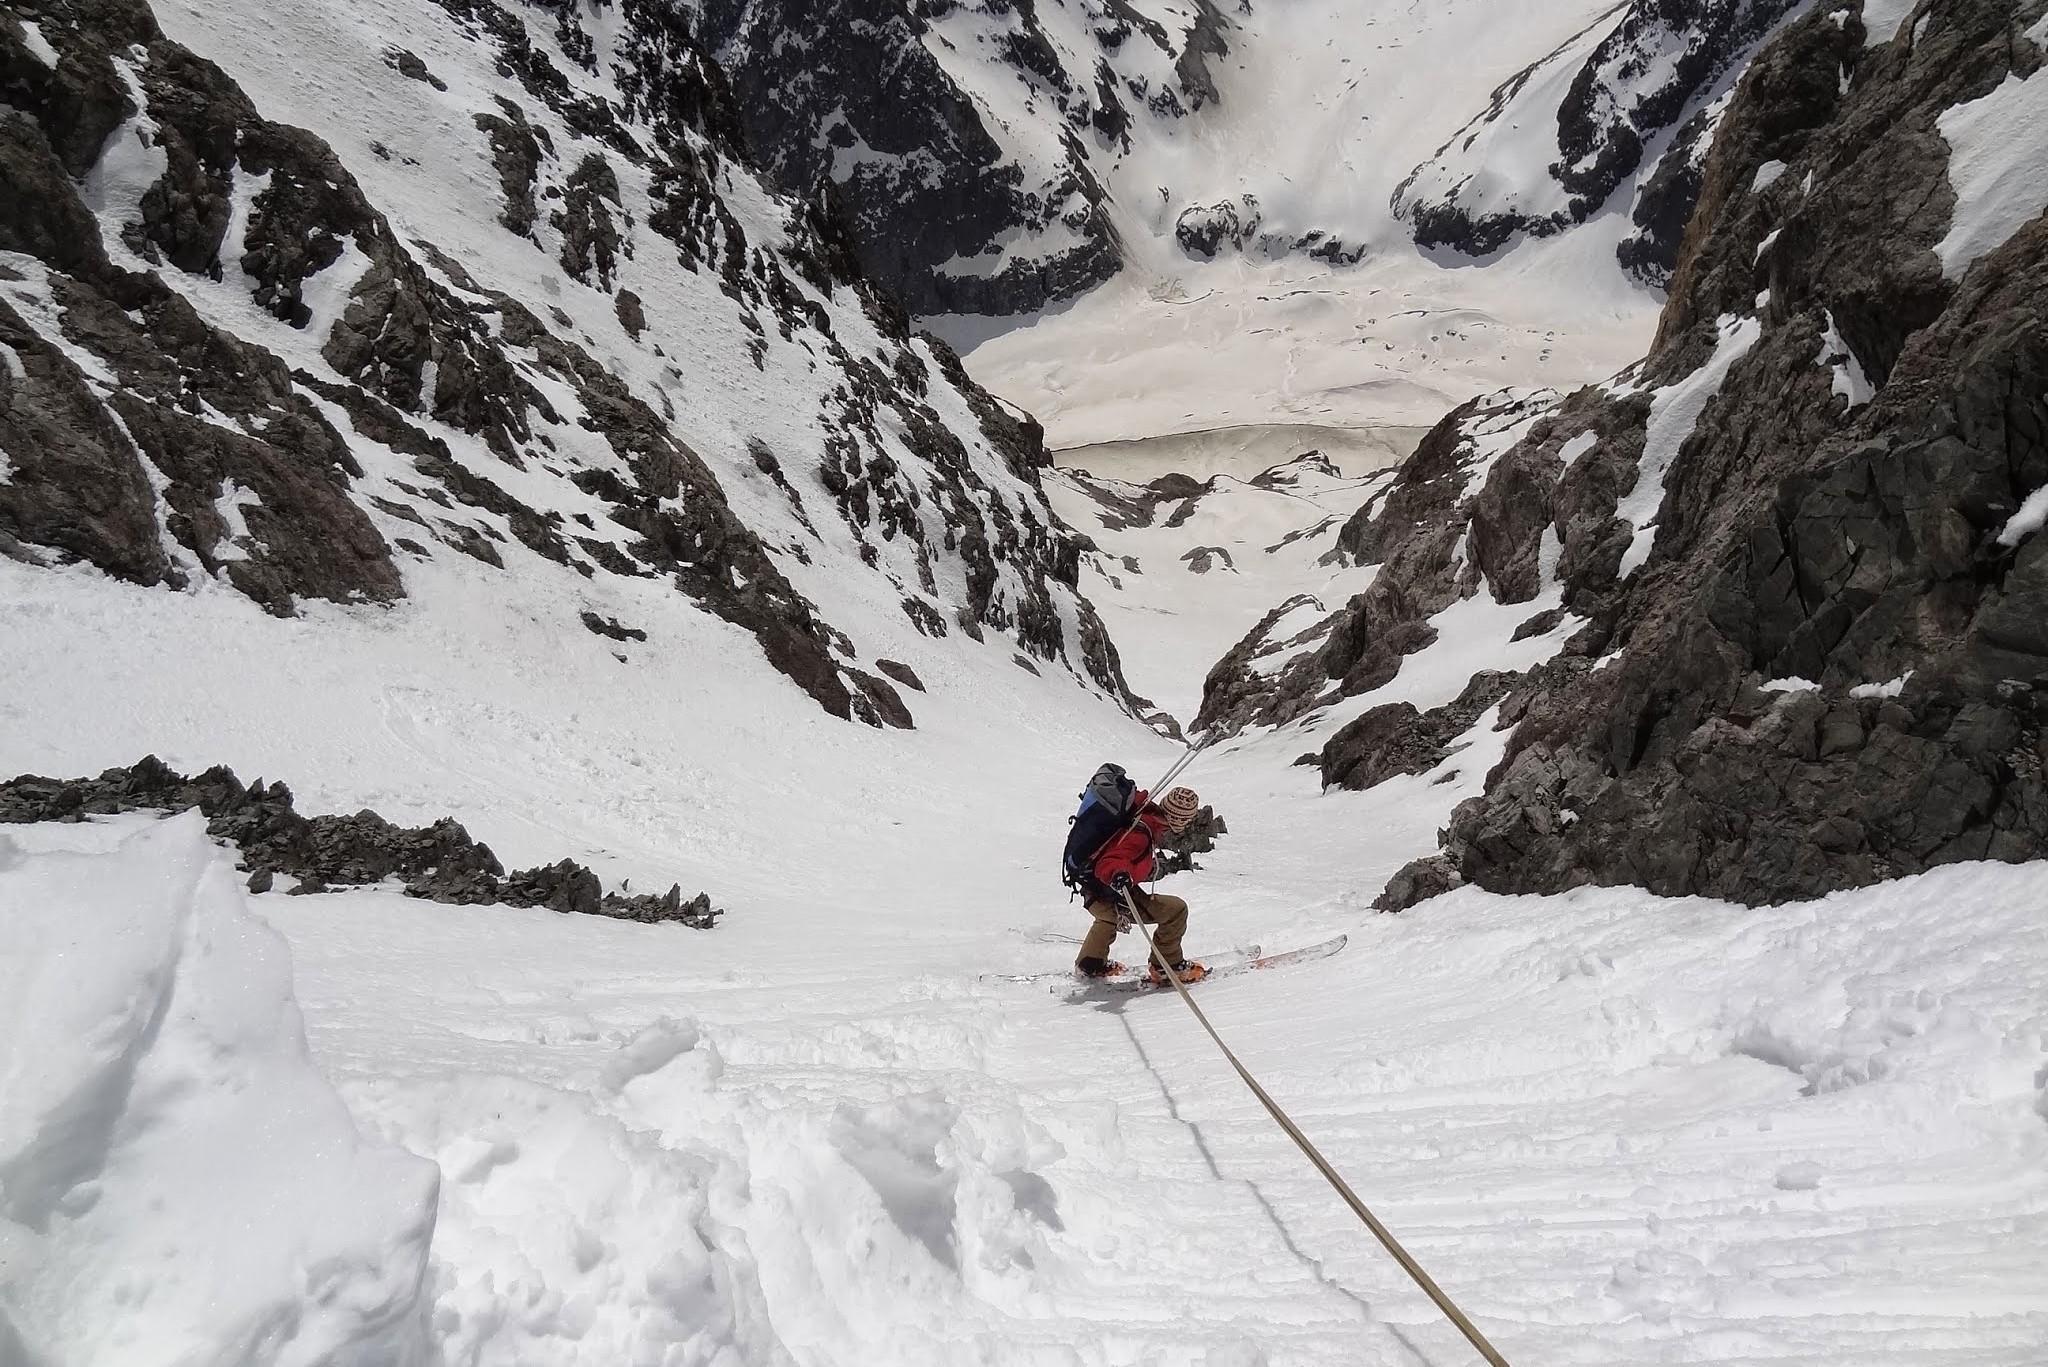 La guide de montagne descend en rappel l'entrée du couloir de la grande sagne lors de la traversée mord sud du col de la grande sagne.